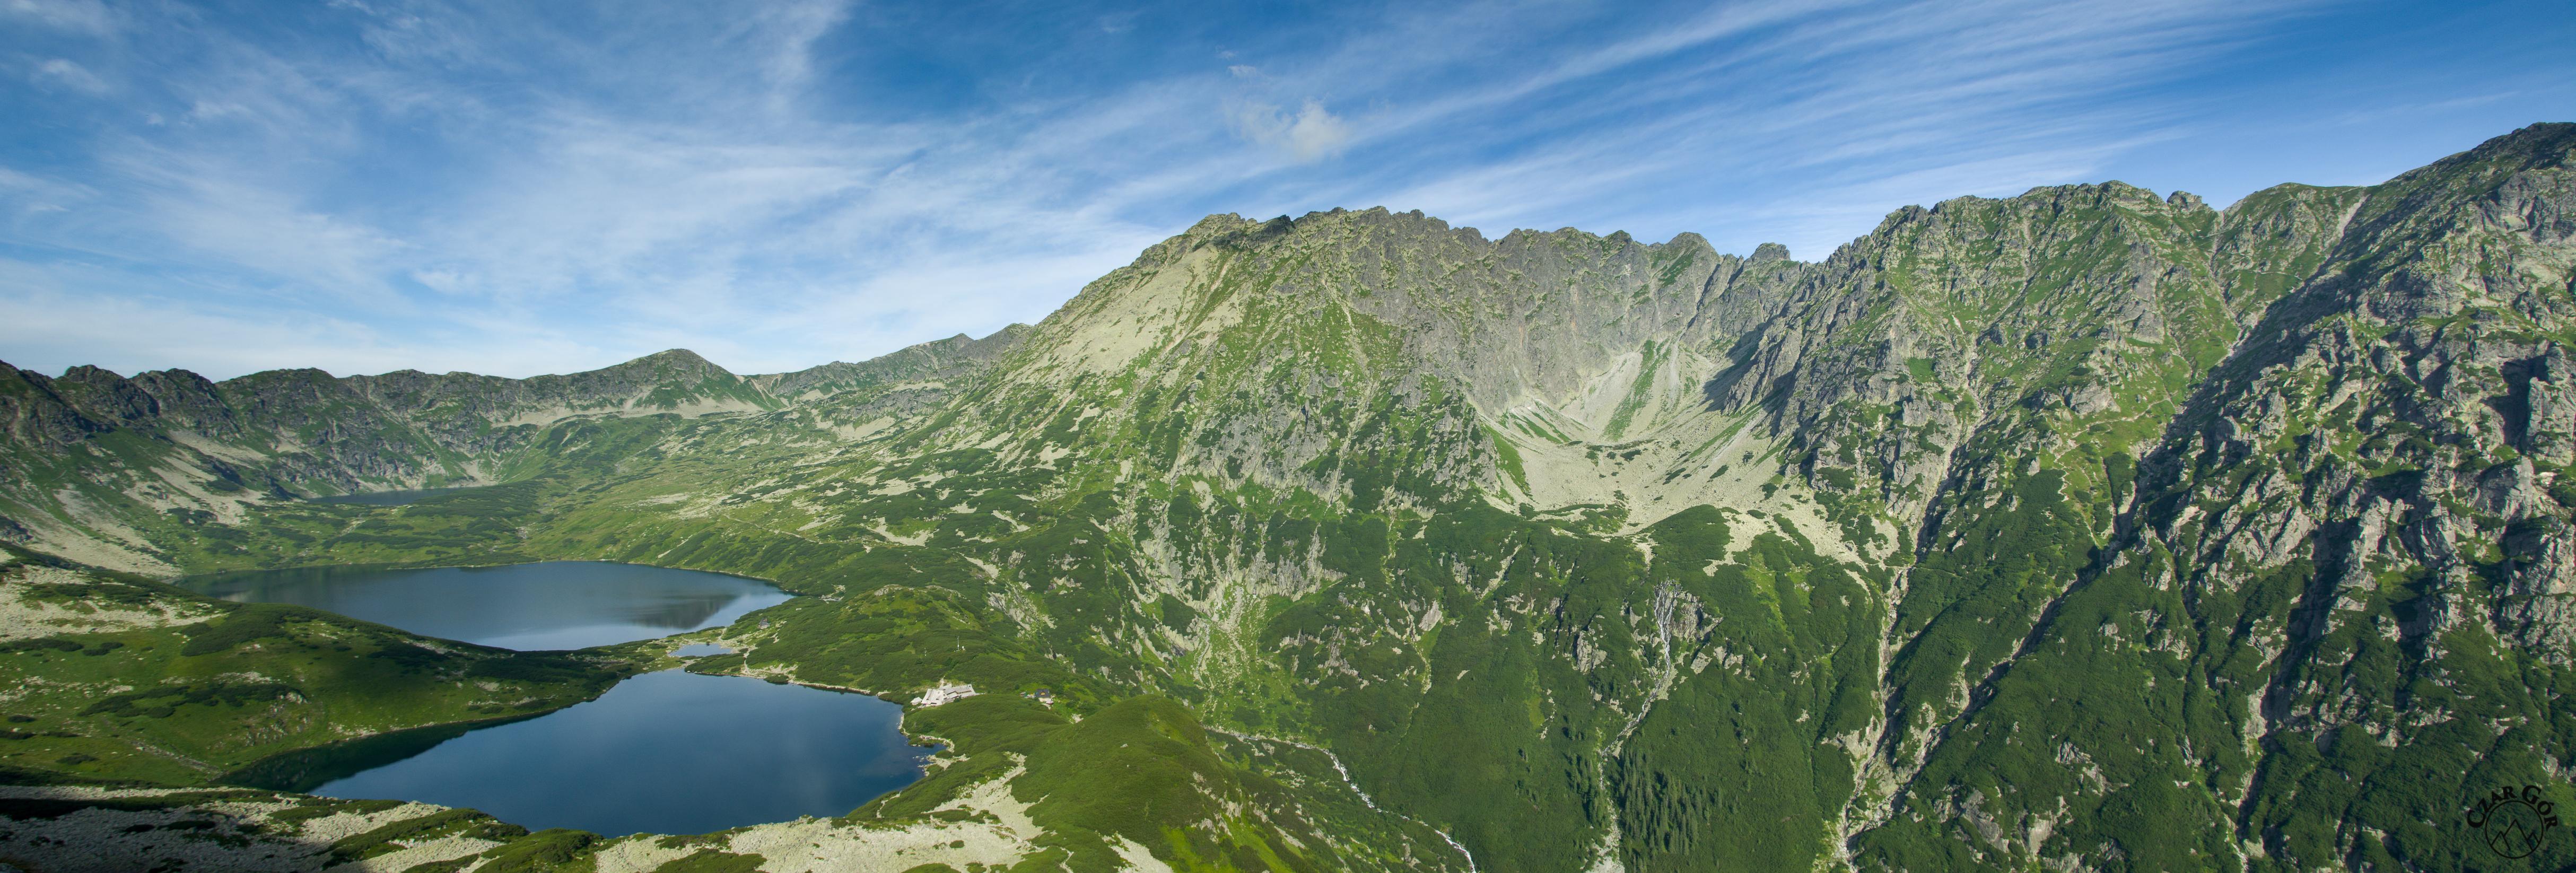 Dolina Pięciu Stawów Polskich i Orla Perć